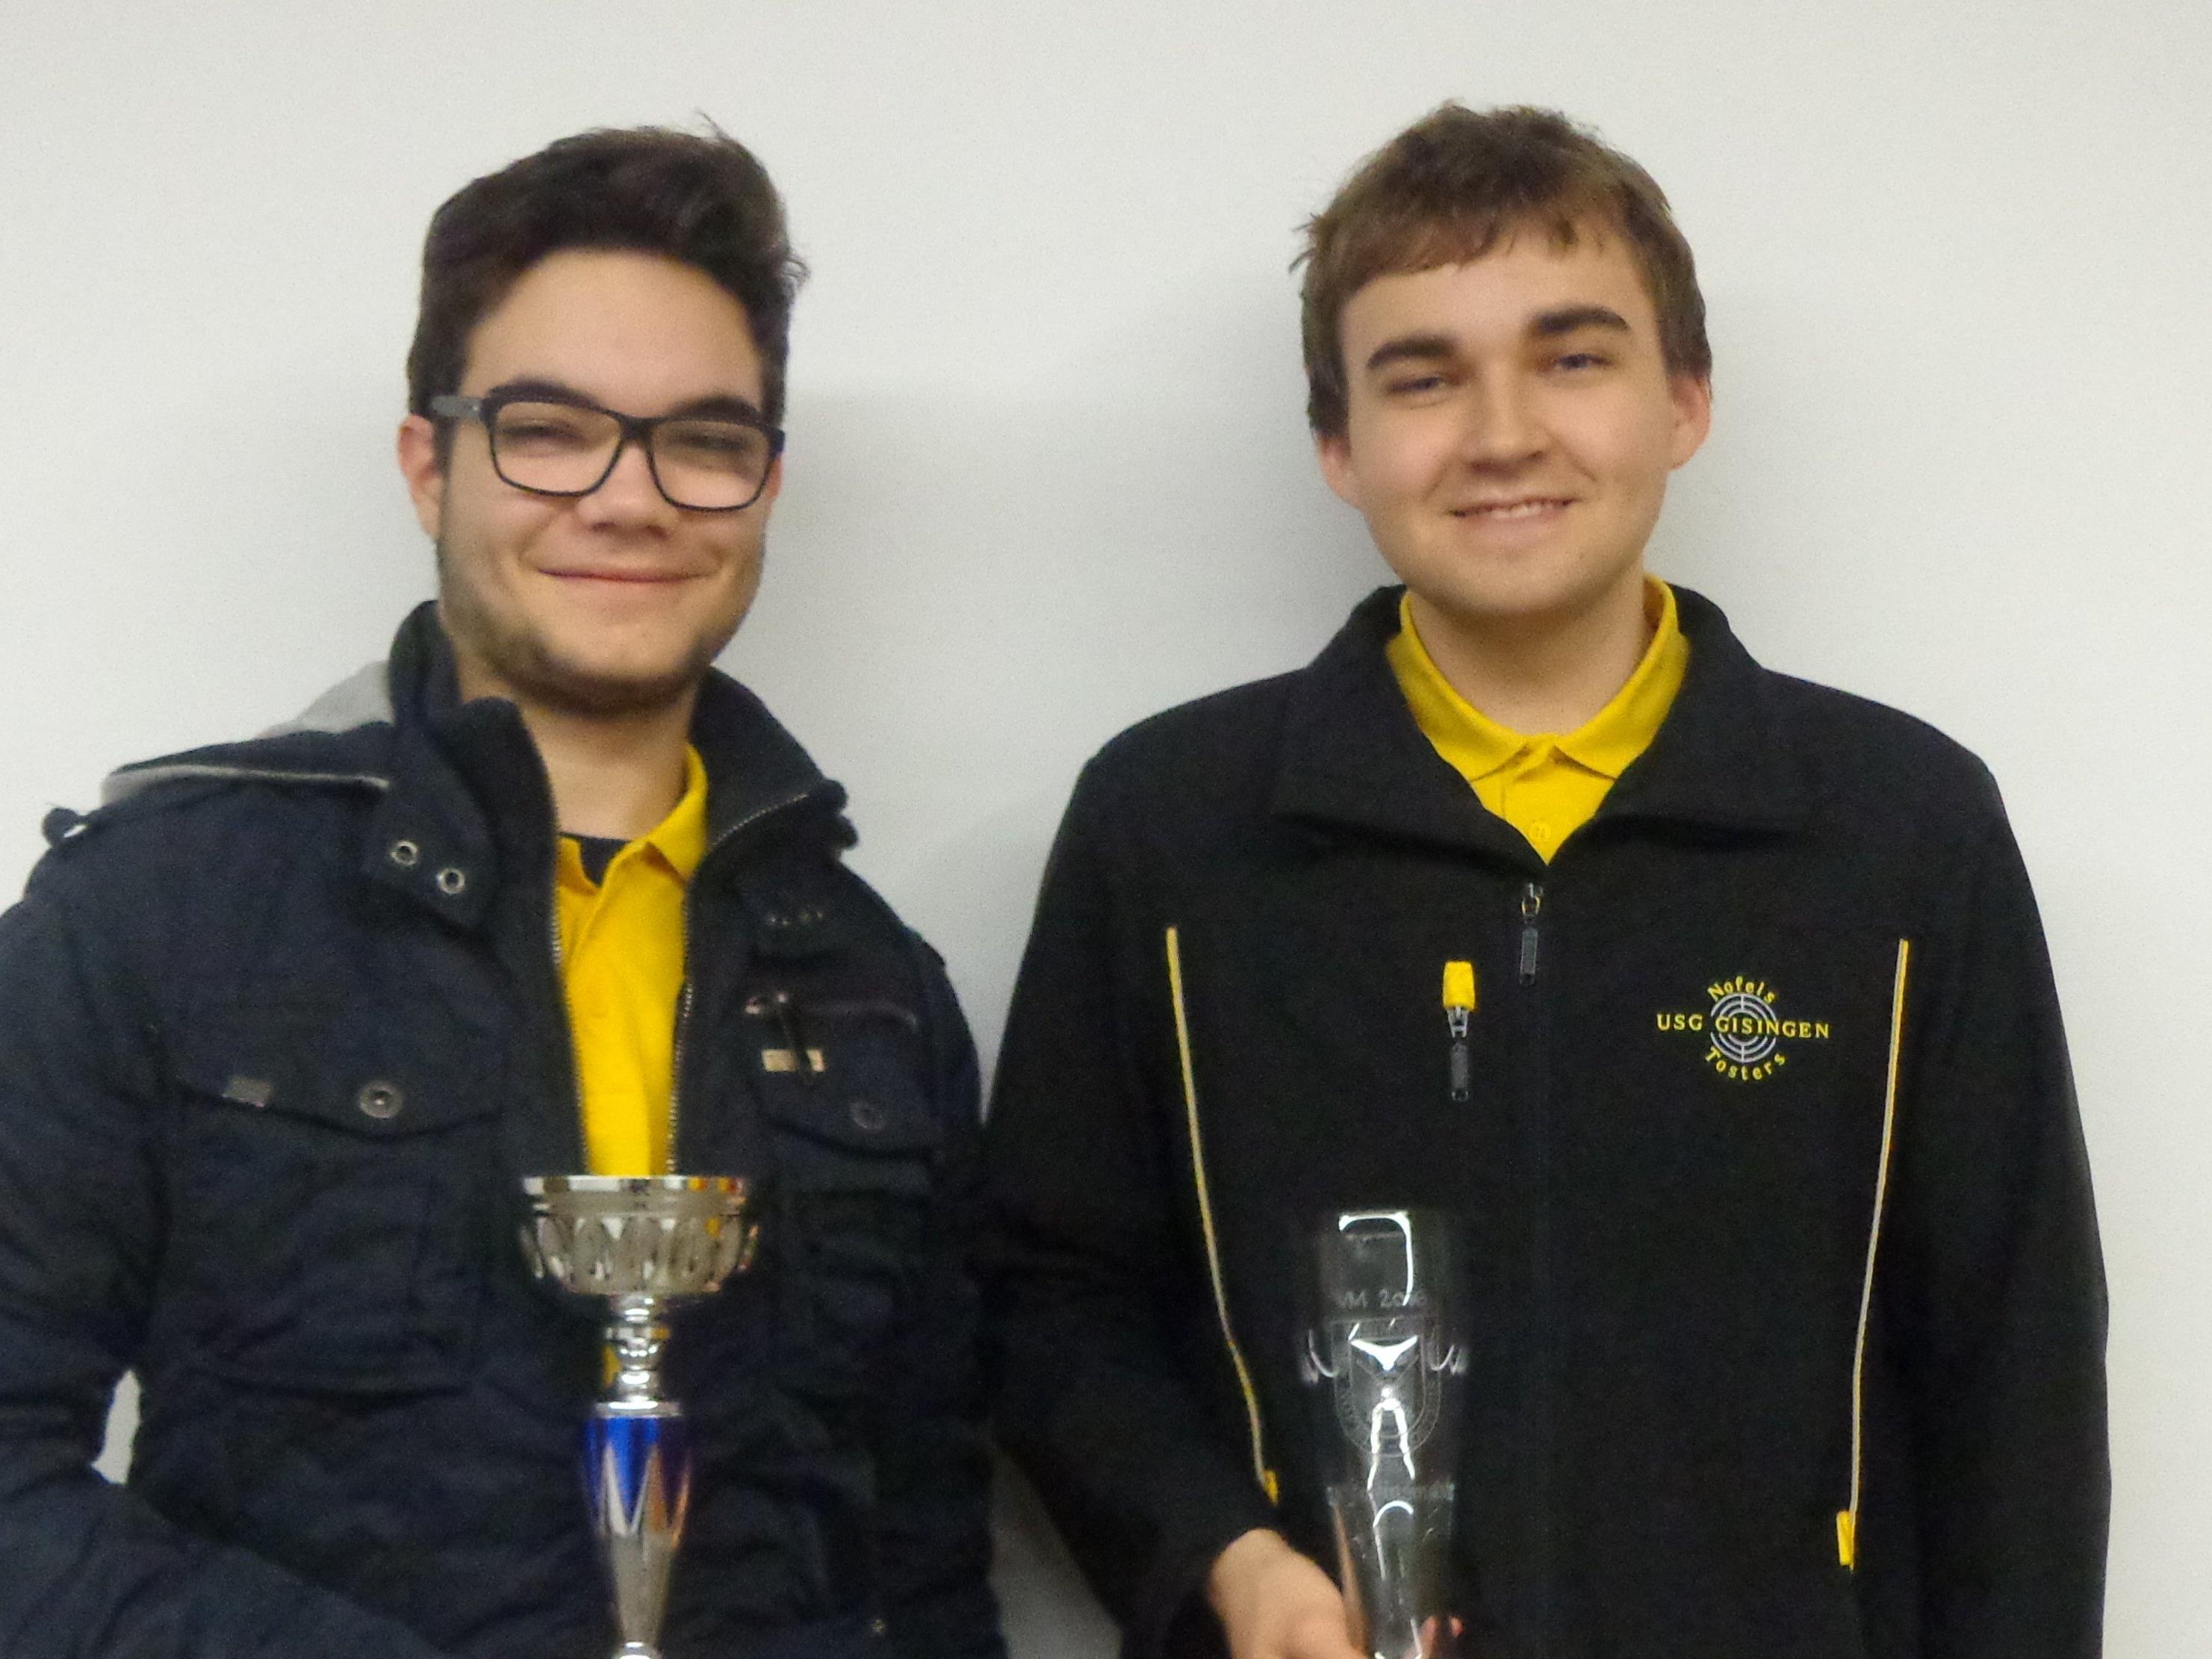 Sieger ihrer Klasse: Angelo Bolter und Jakob Wilhelm